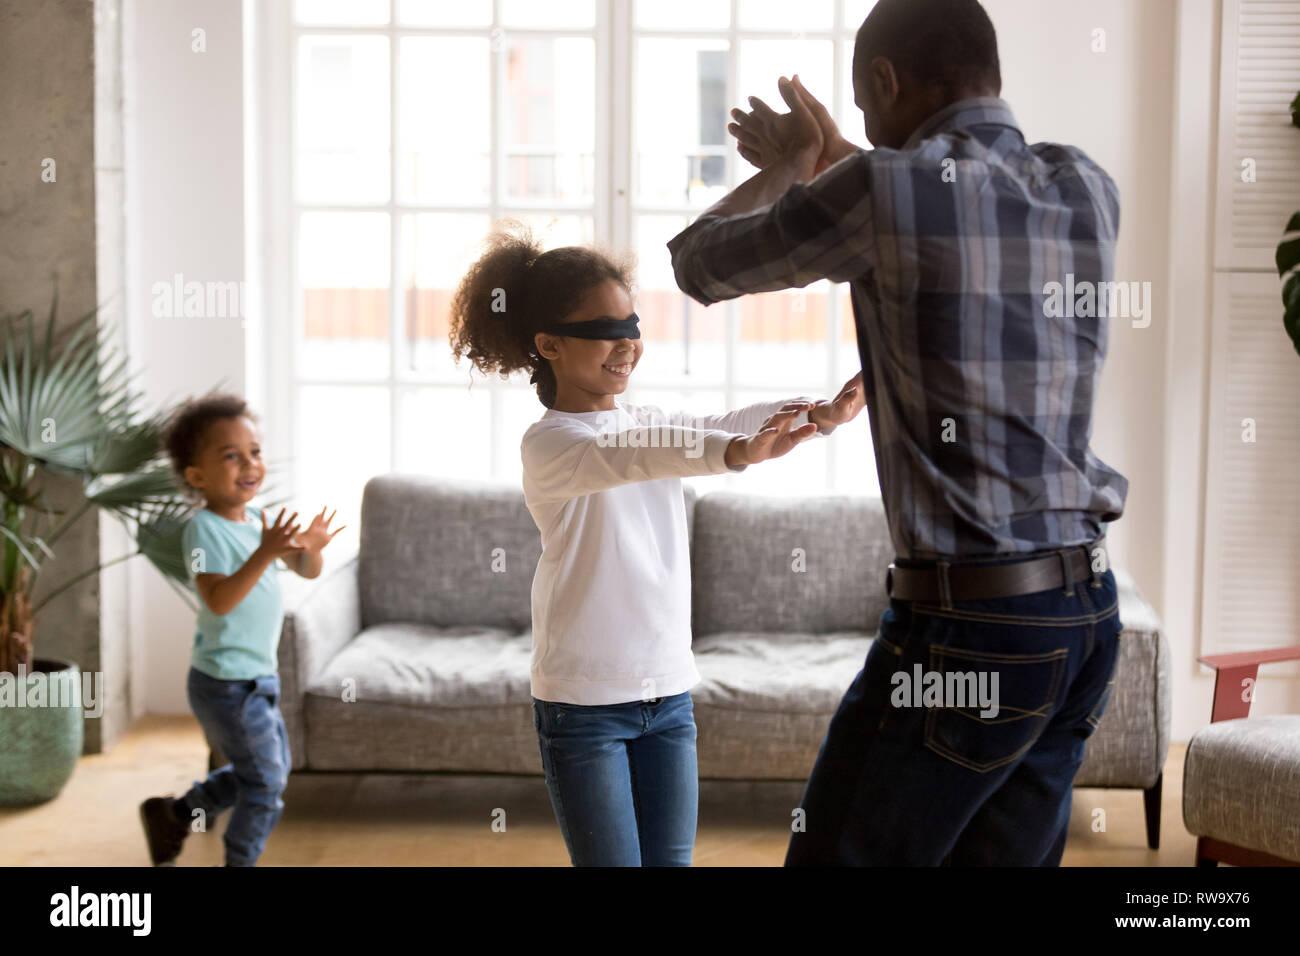 Piccola ragazza bendati giocare a nascondino con la famiglia Immagini Stock